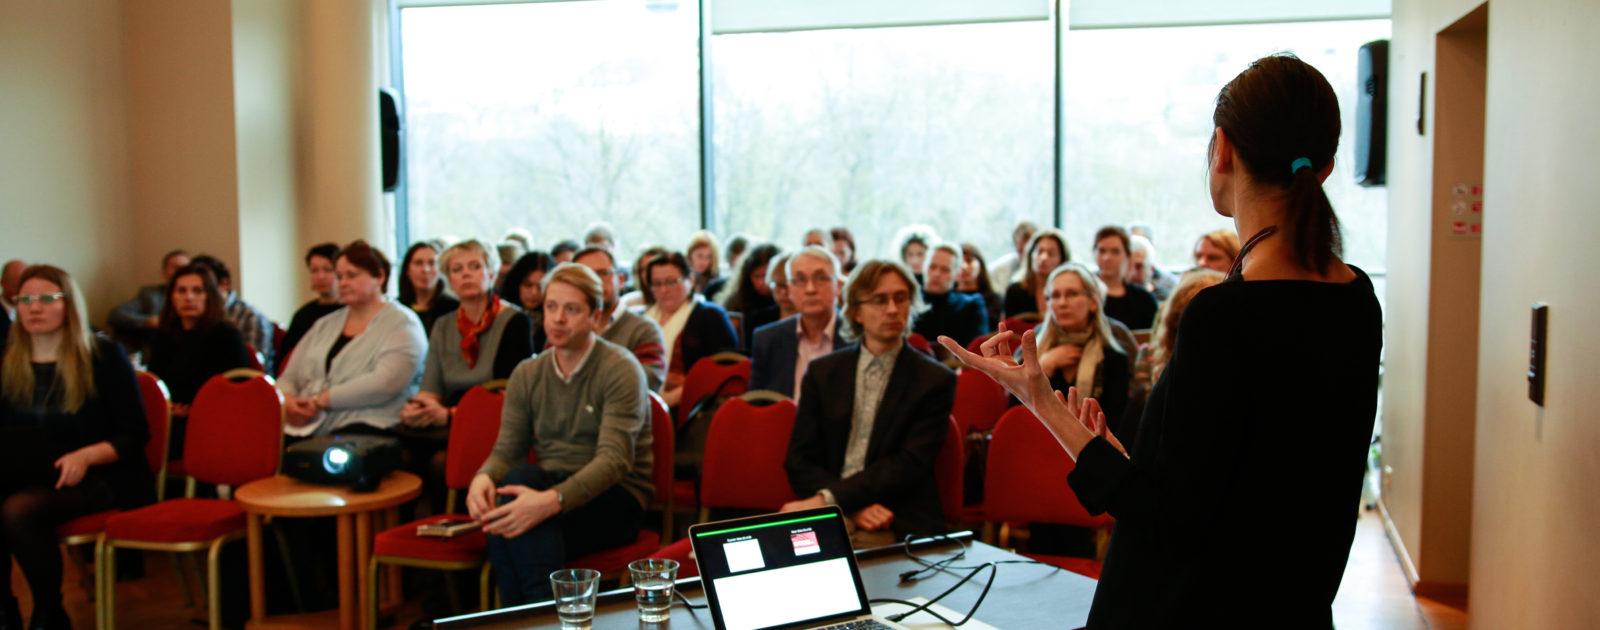 Tijana Tasich seminari pidamas. (Foto Aivo Põlluäär)